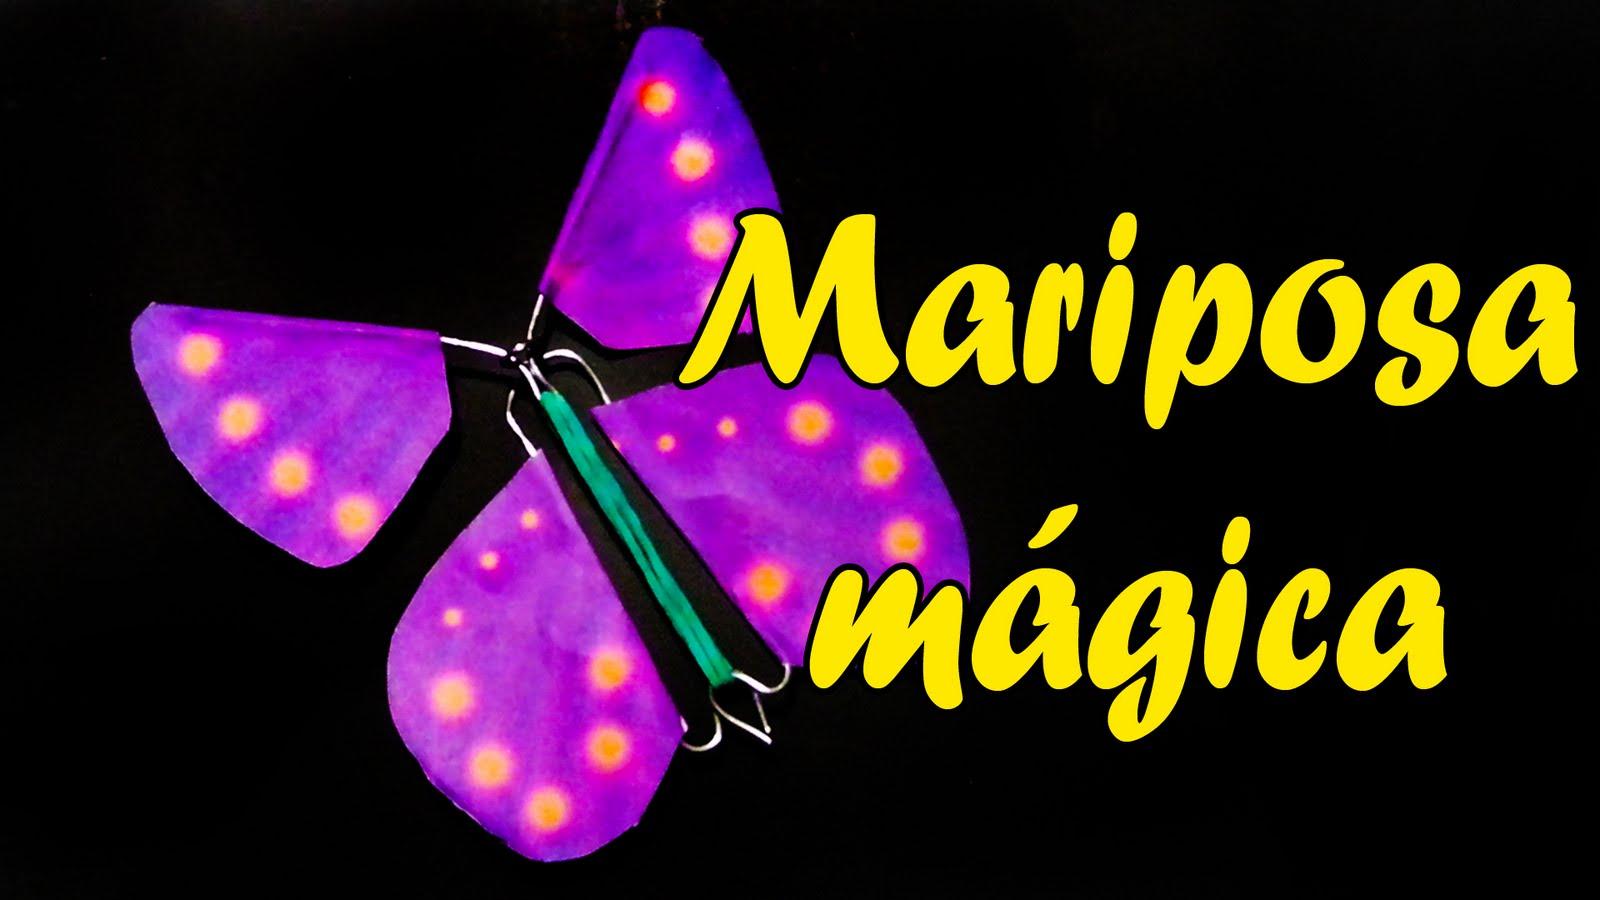 como se hace una mariposa magica unos pasos sencillos de como